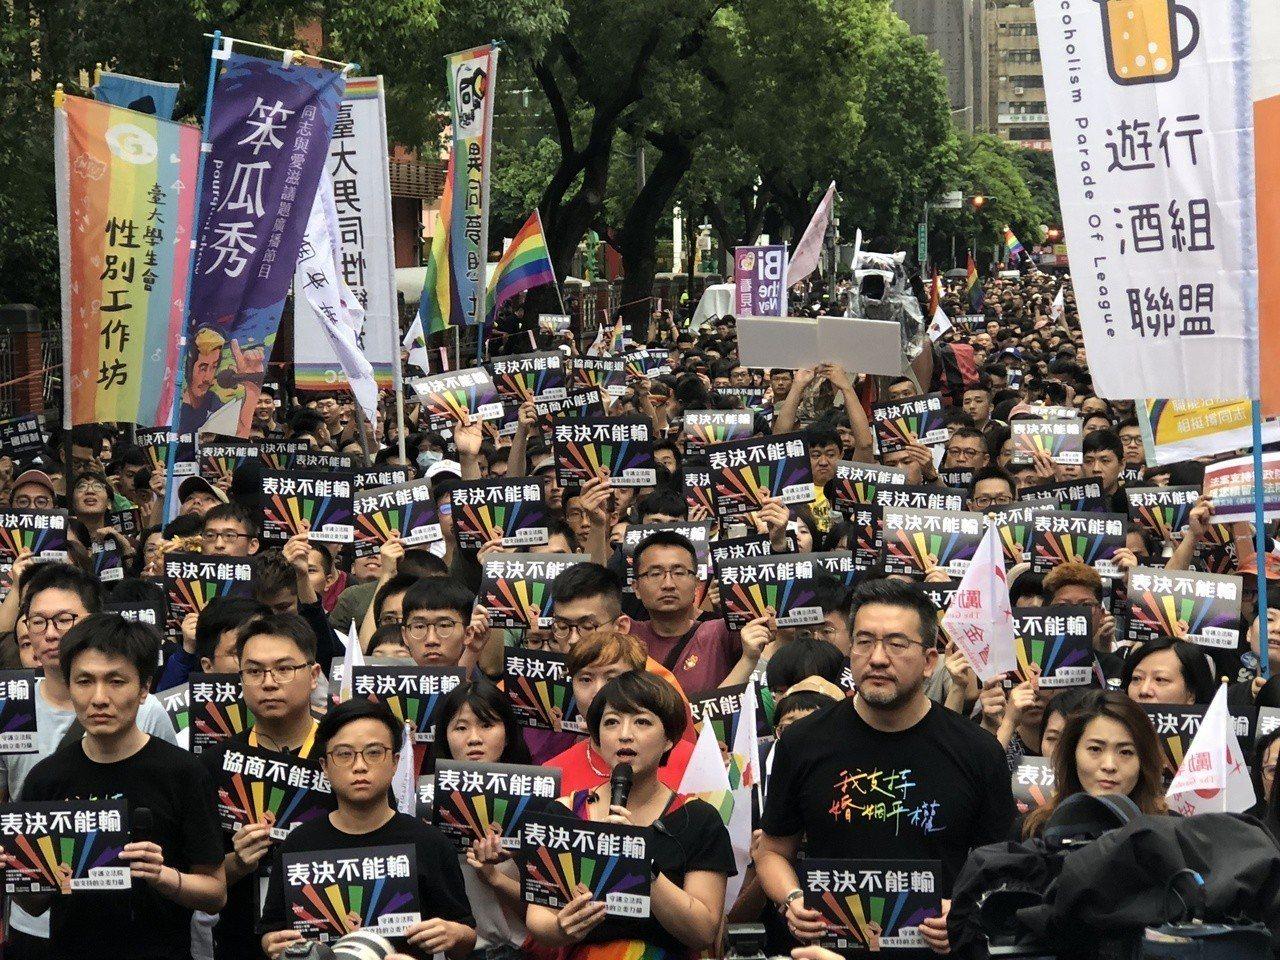 挺同人士在立法院周邊集結,主辦單位估計湧入近4萬人。記者何定照/攝影